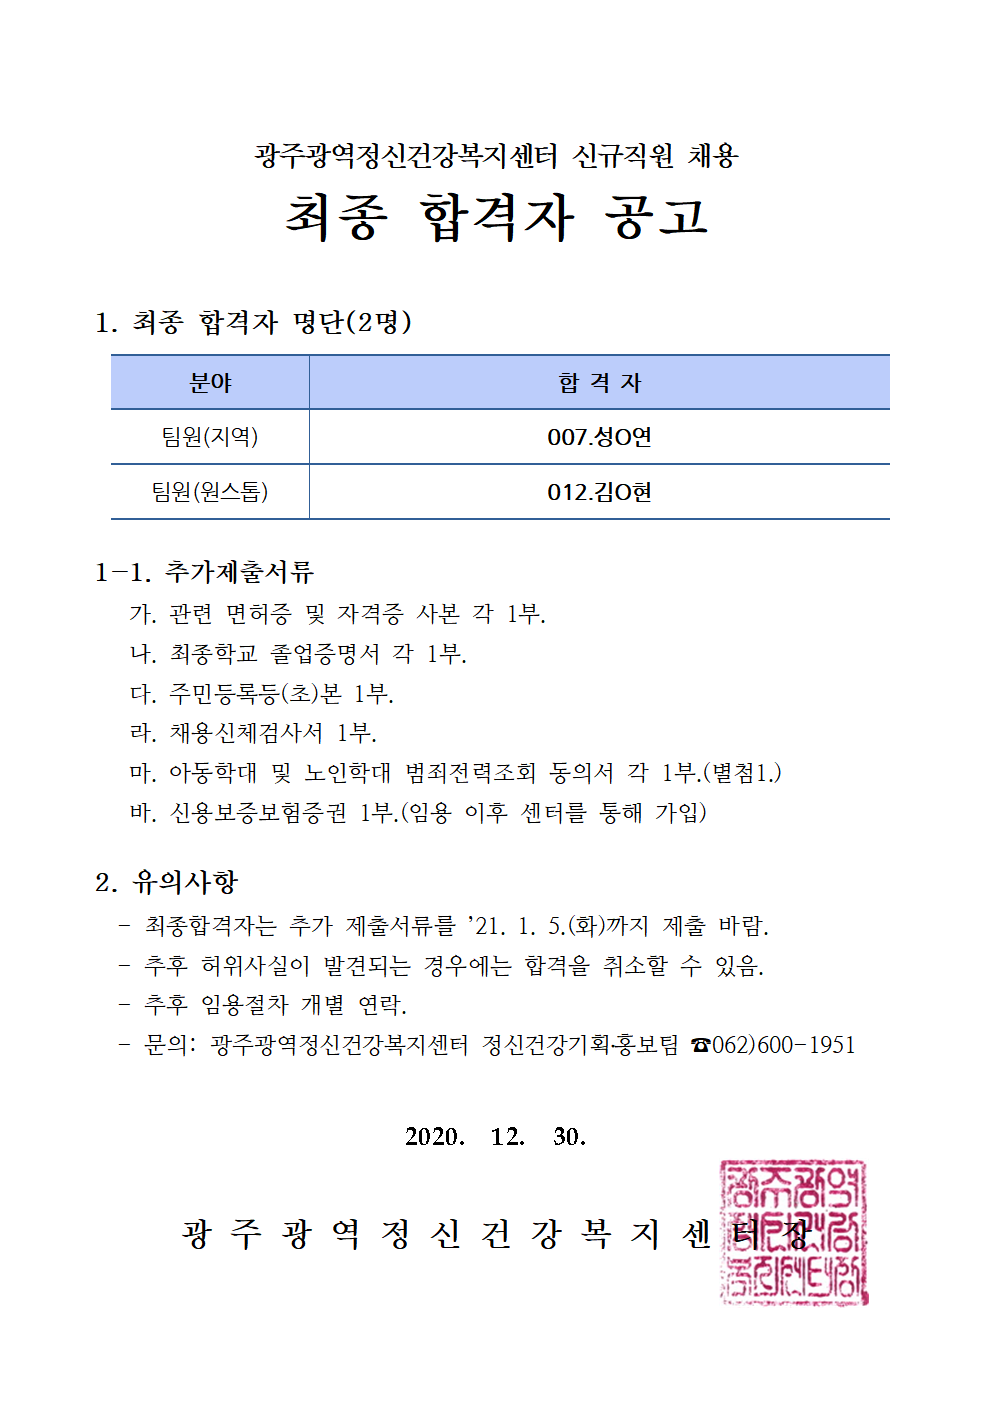 [공고] 광주광역정신건강복지센터 직원채용 최종 합격자 공고.png